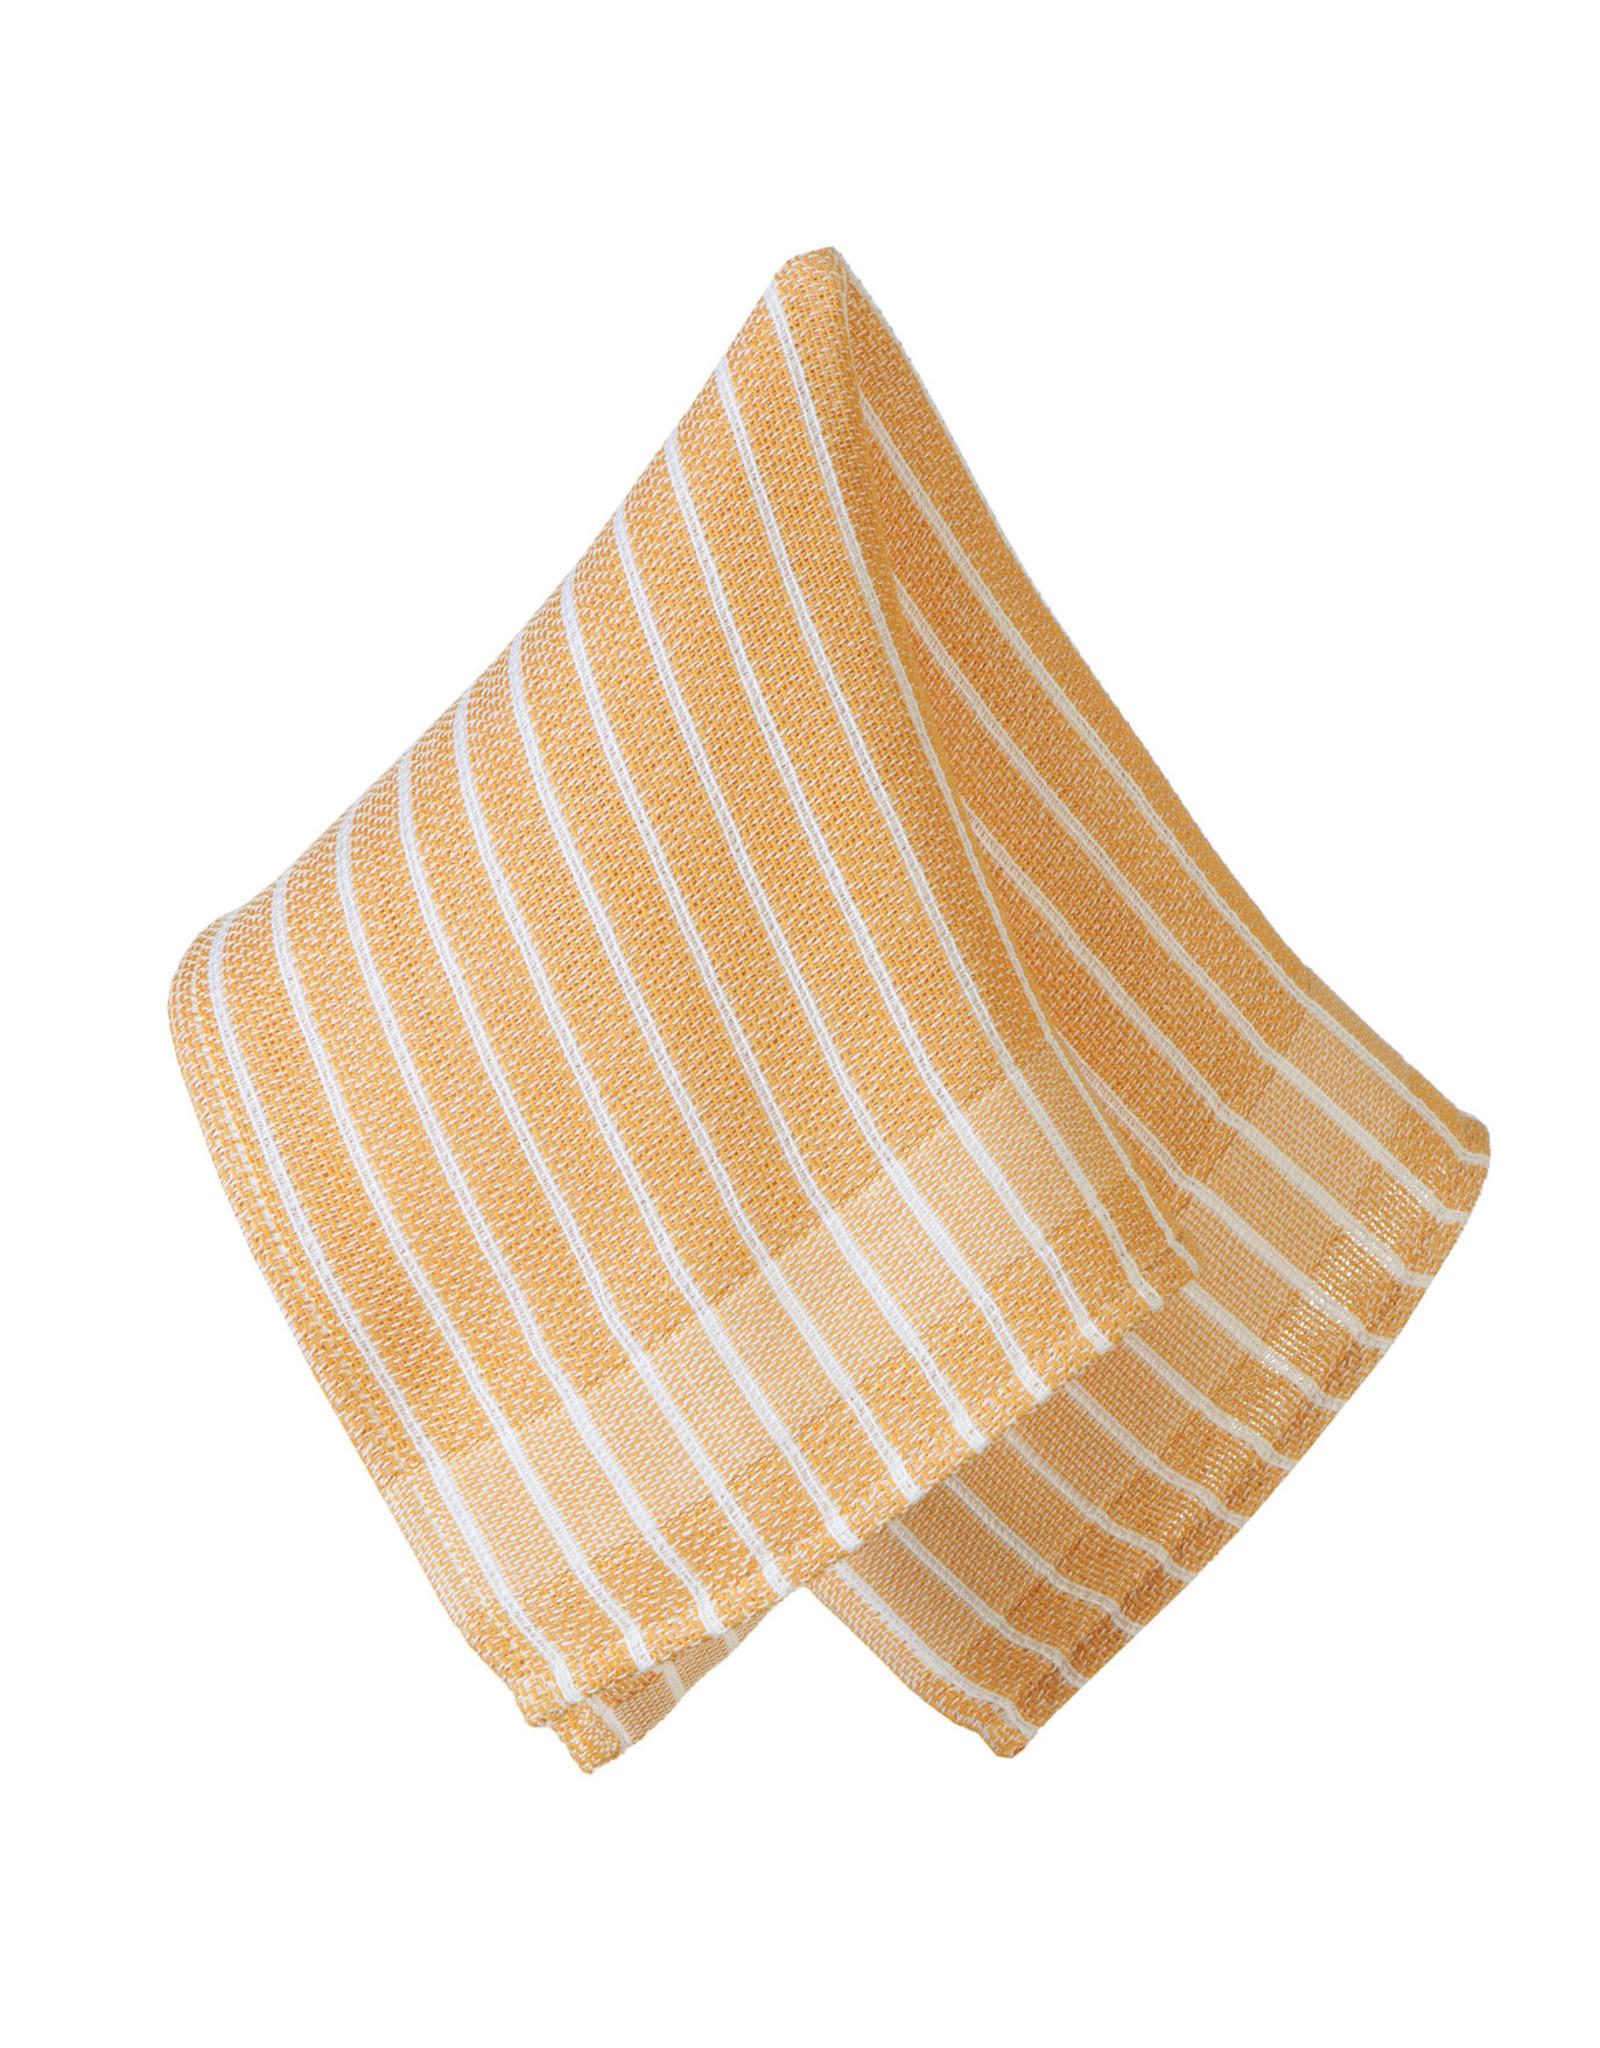 Rigotex Allzwecktuch Doppelgewebe senf 100% Baumwolle